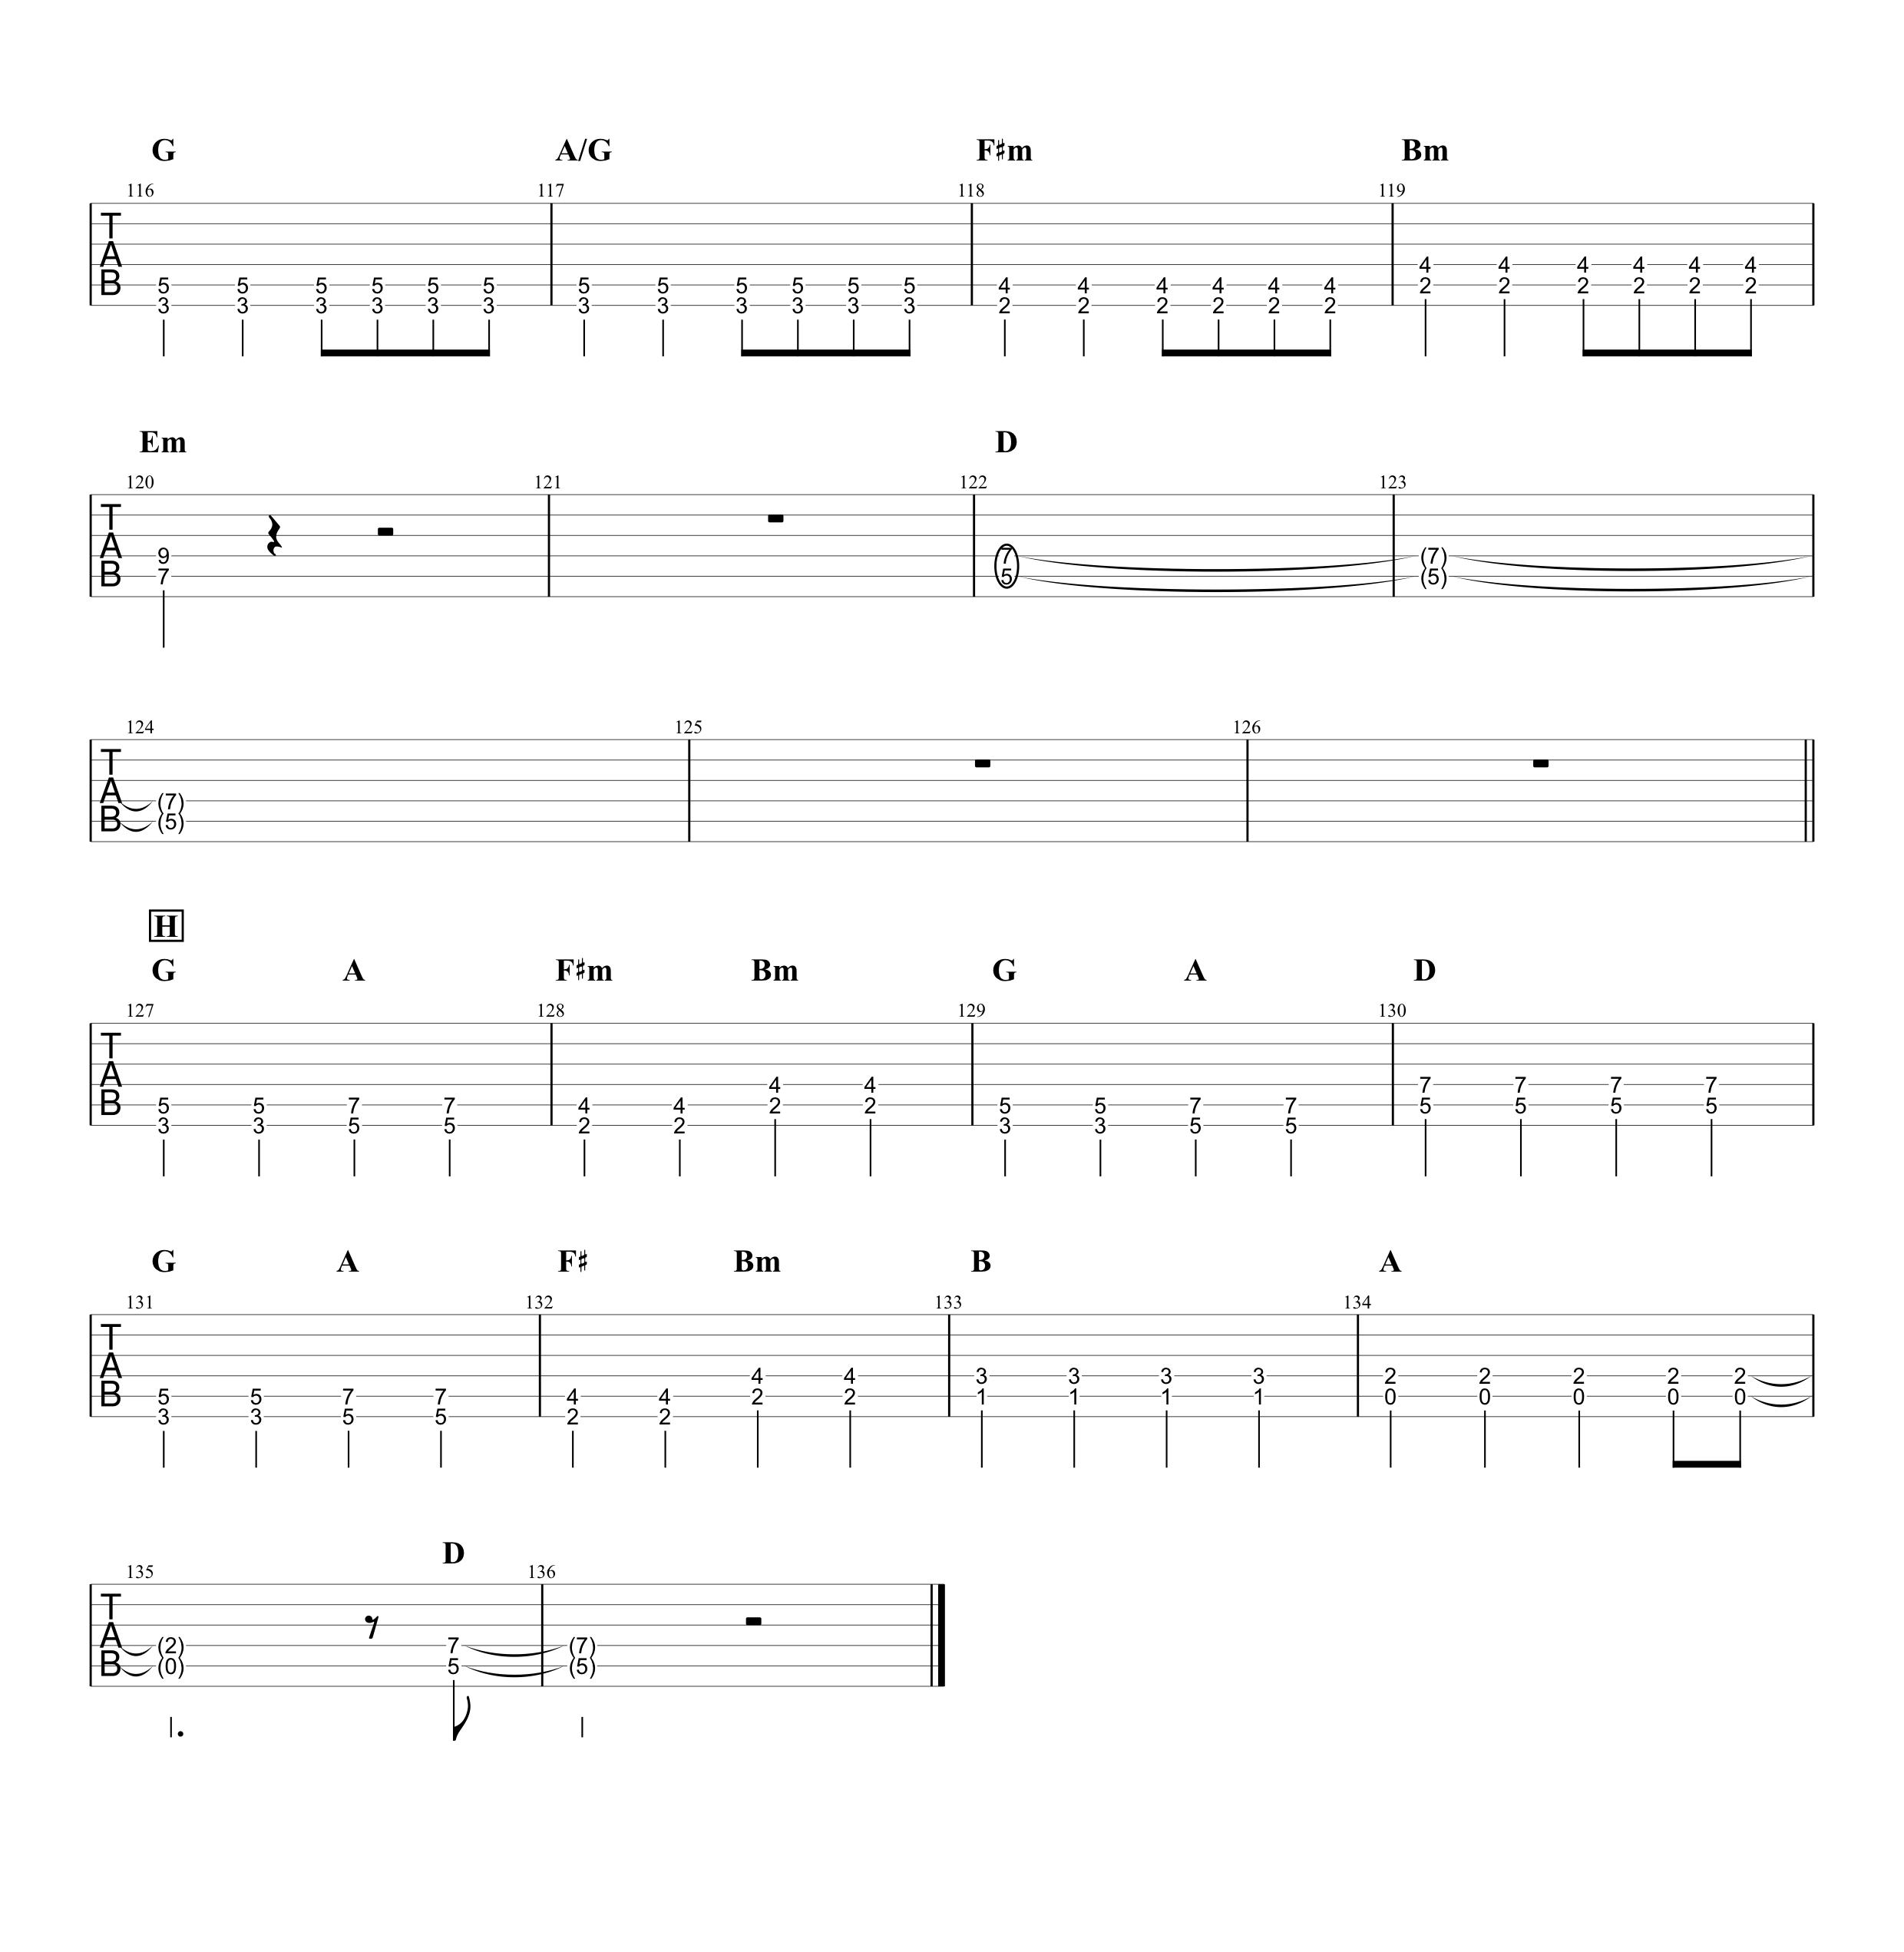 気まぐれロマンティック/いきものがかり ギタータブ譜 パワーコードと通常コードで弾くVer.04